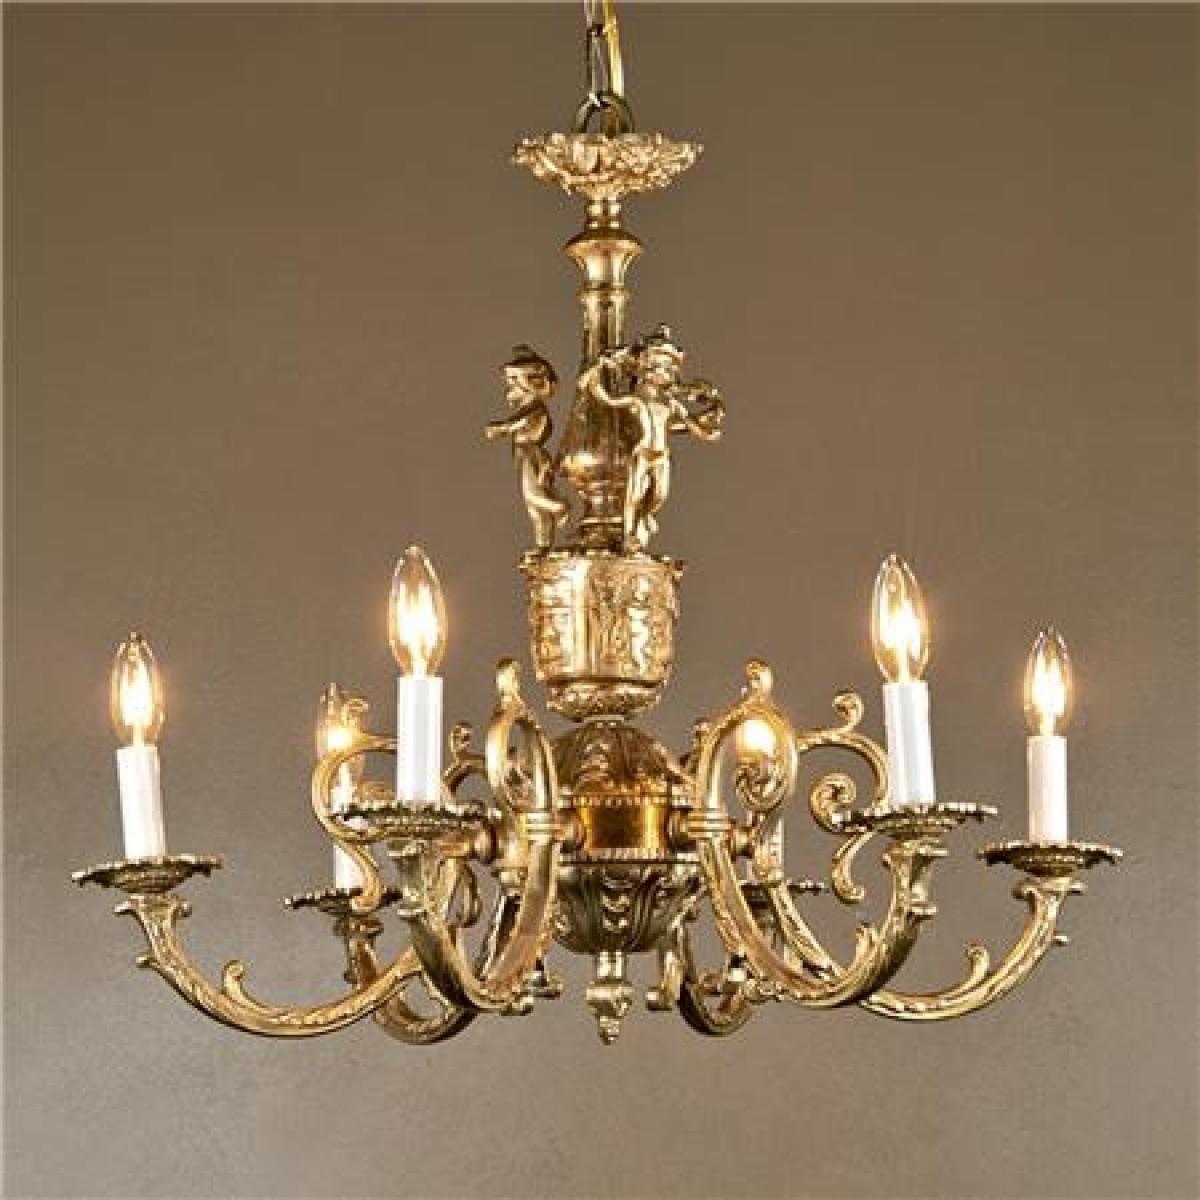 Antique 6 Arm Brass Cherub Chandelier - Shades of Light ...